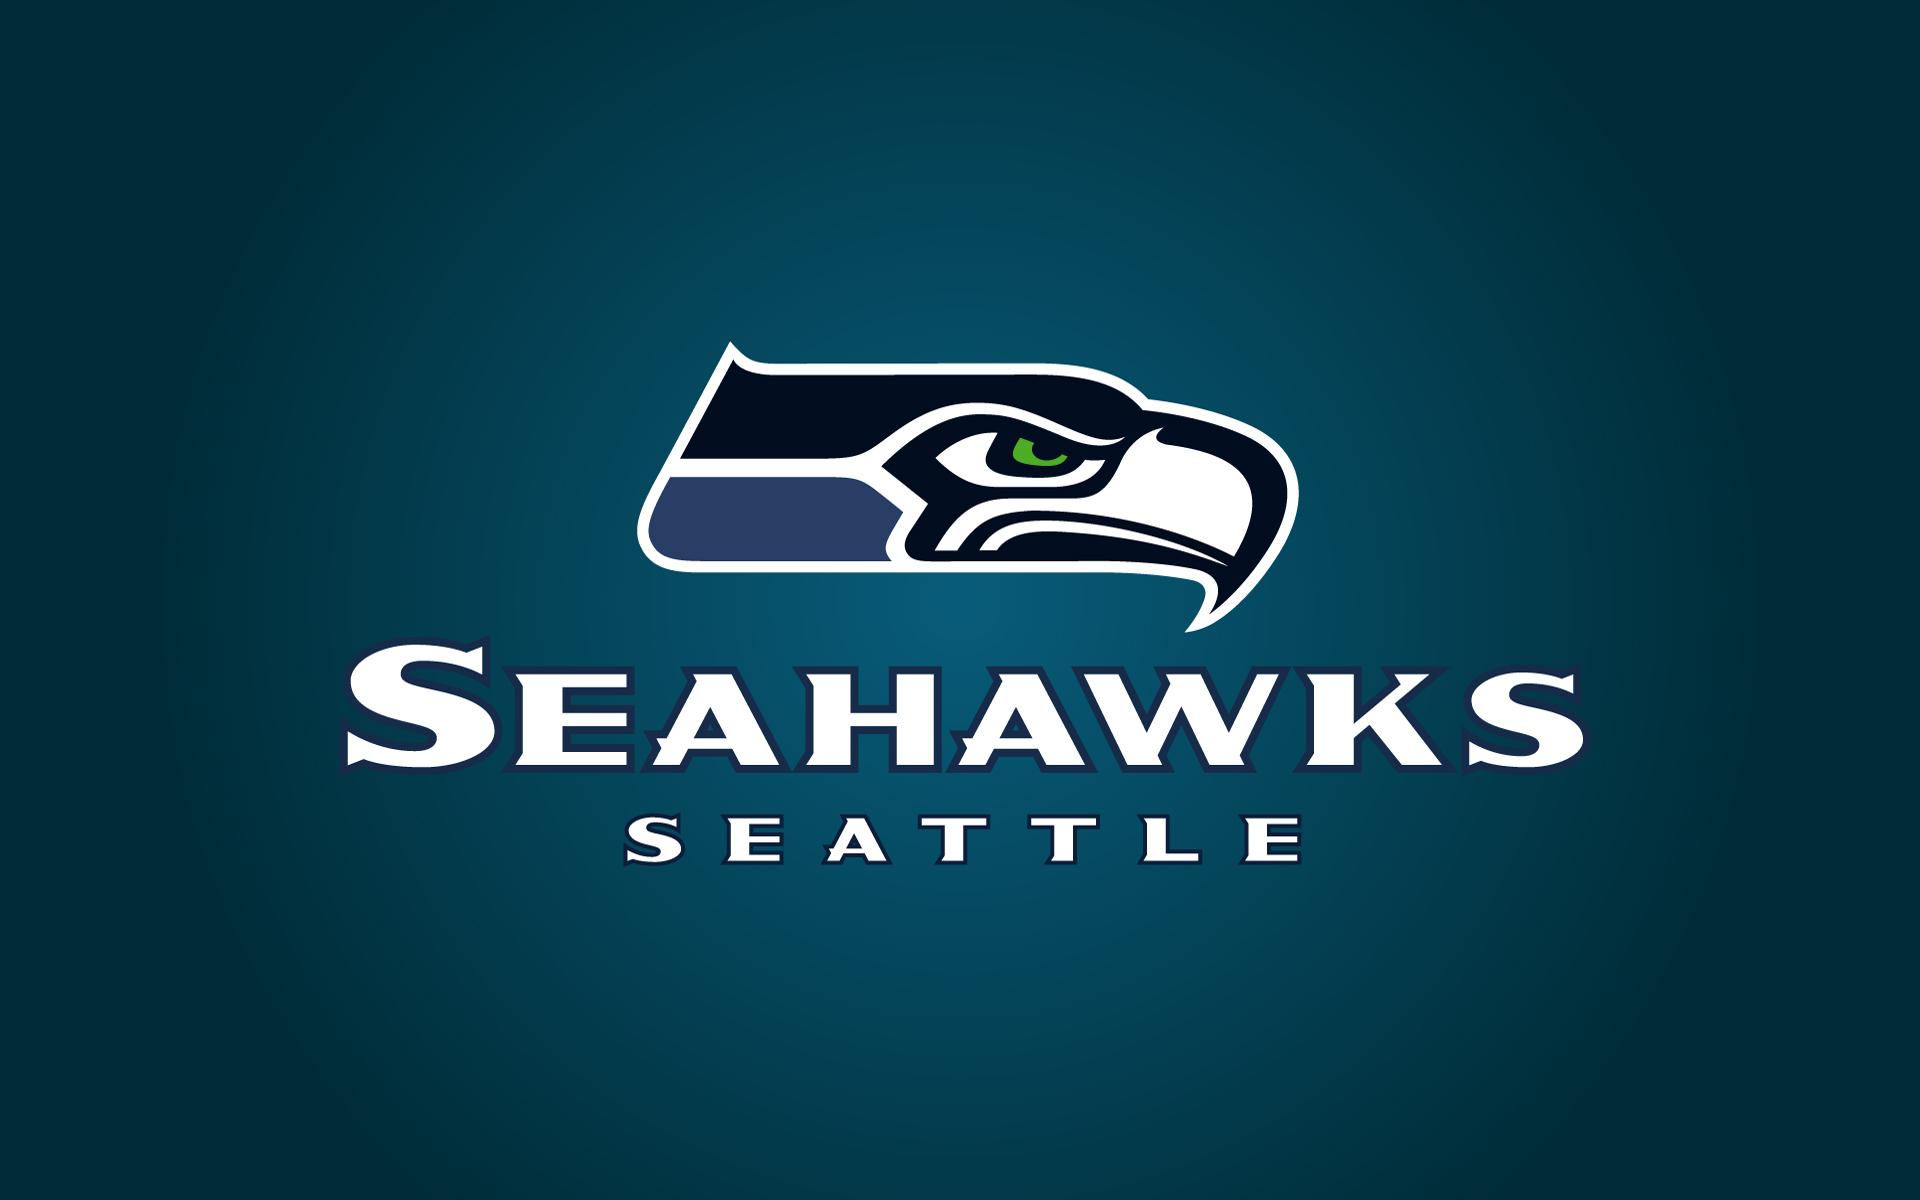 Seattle Seahawks 3630 1920x1200px